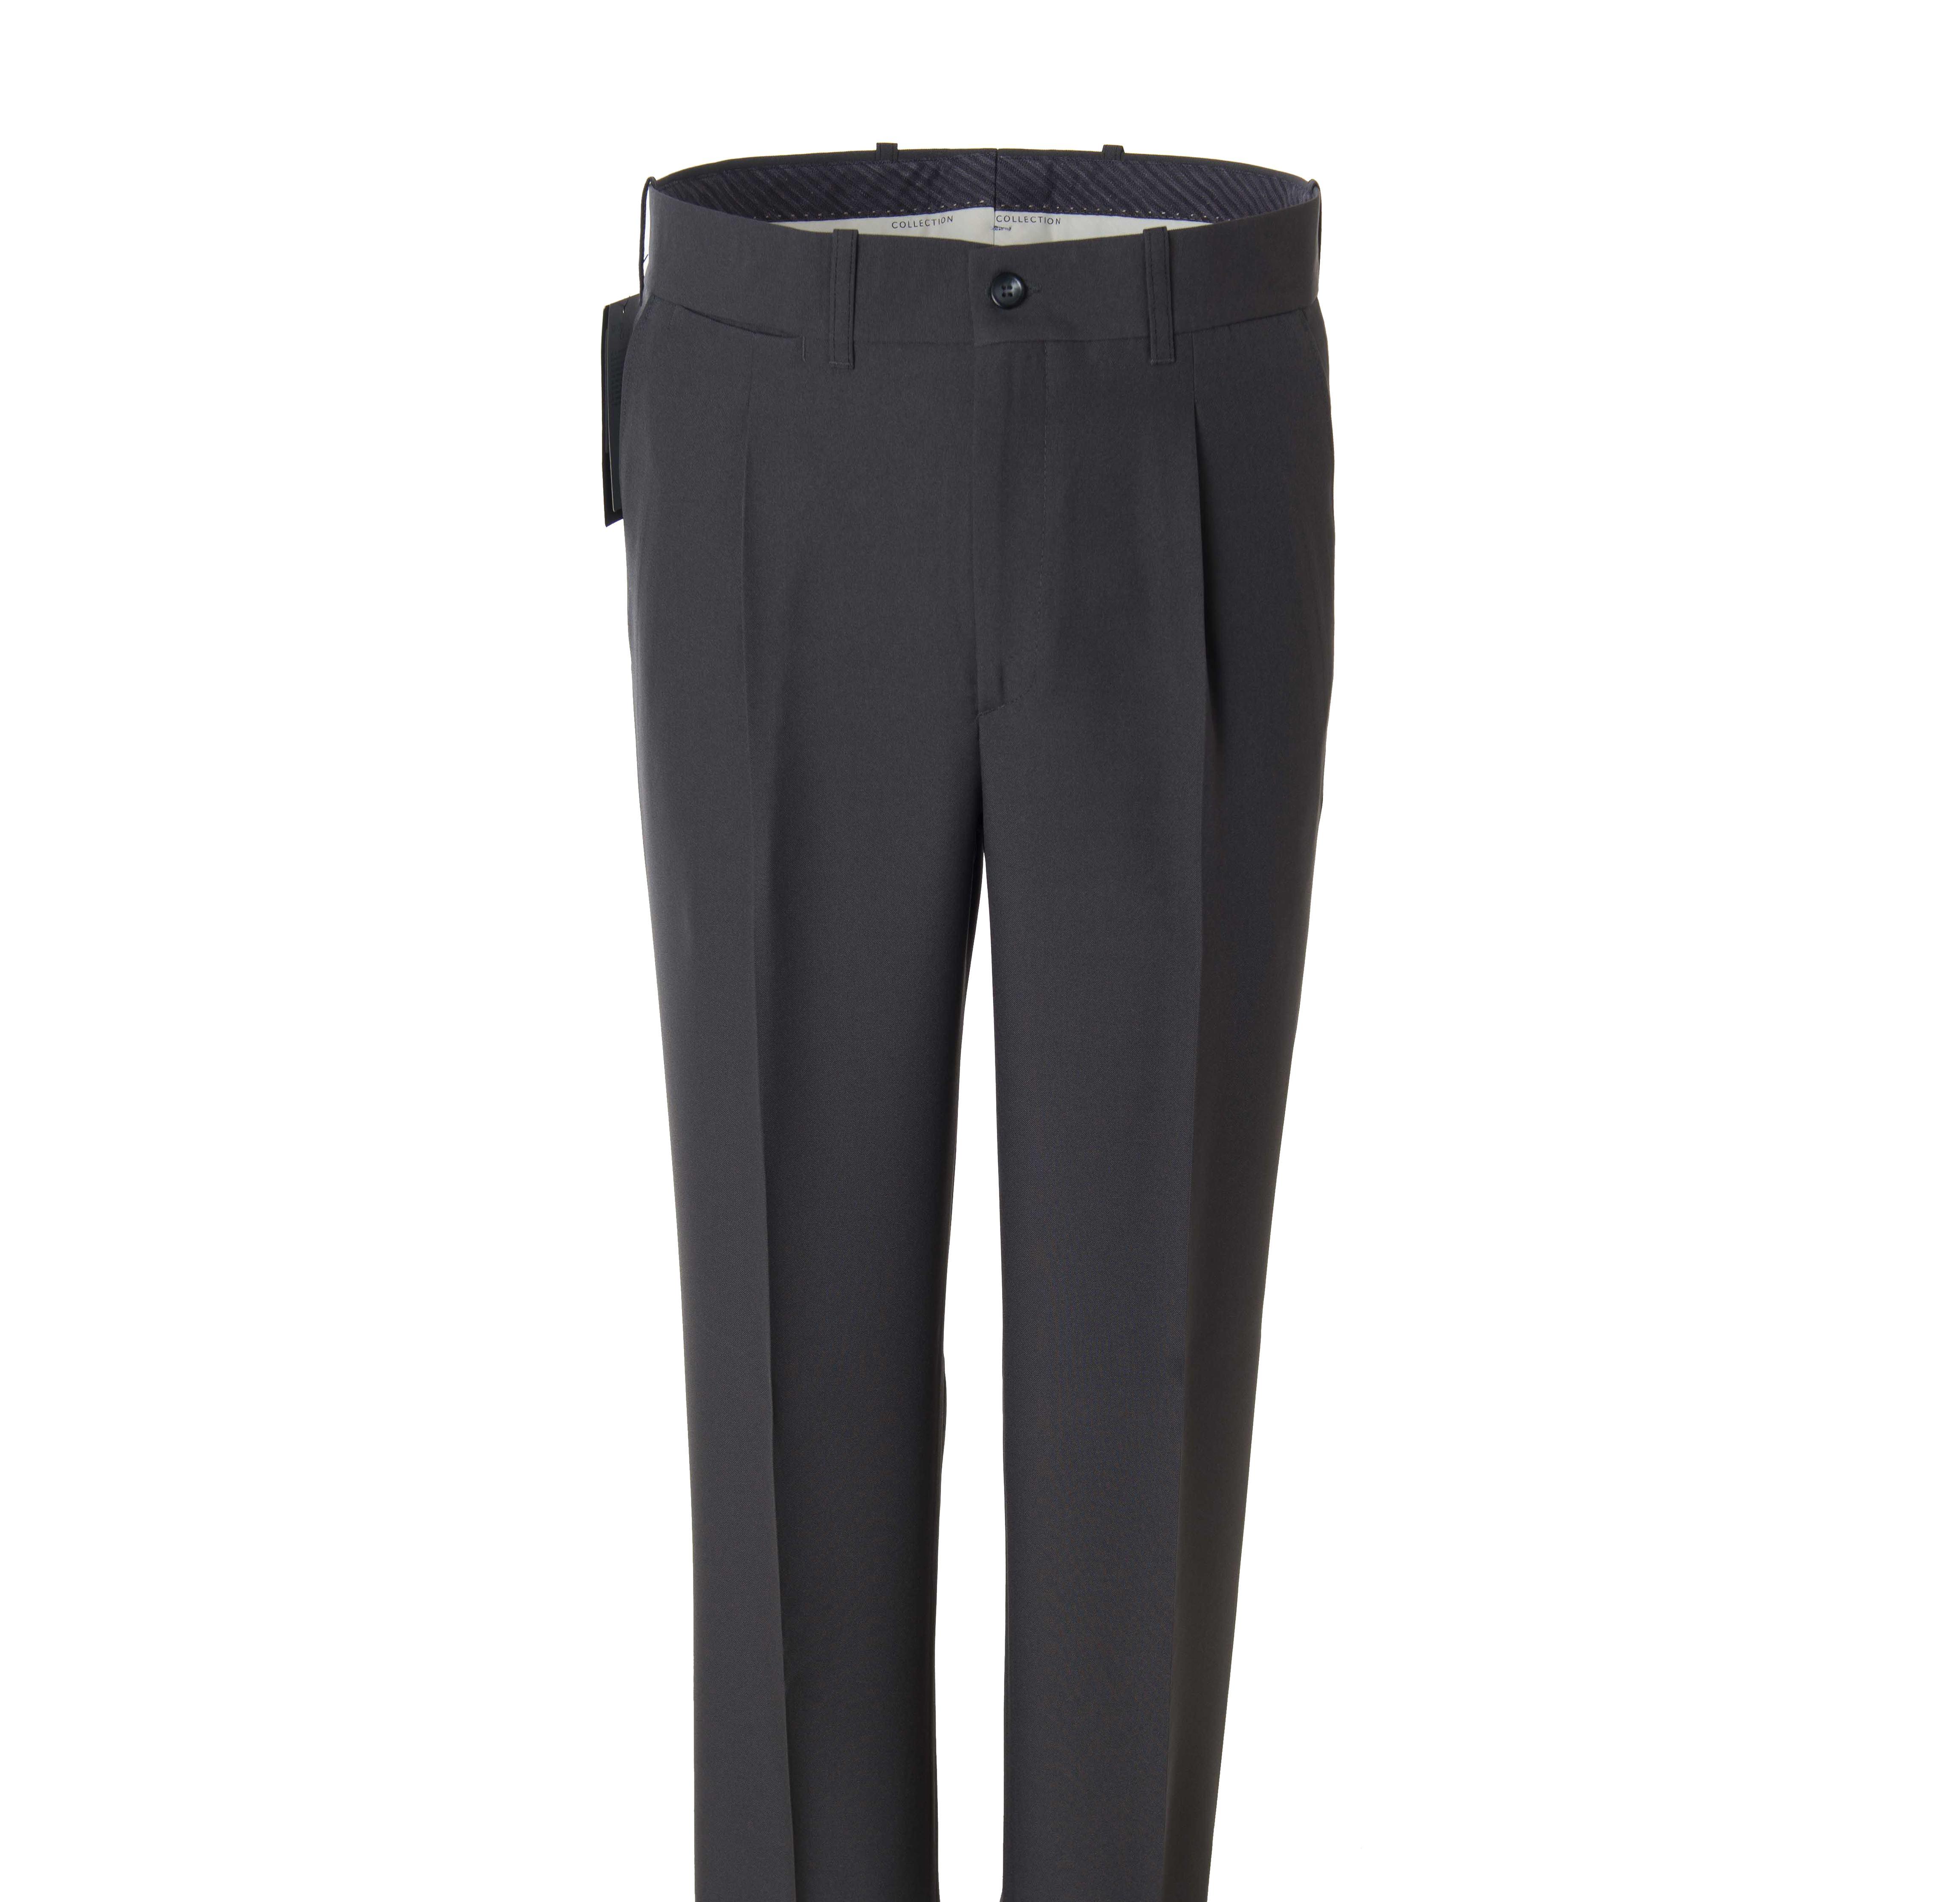 zapatos de separación b2551 6fefc Pantalón clásico 1 pinza para hombre - Pantalones Blaper